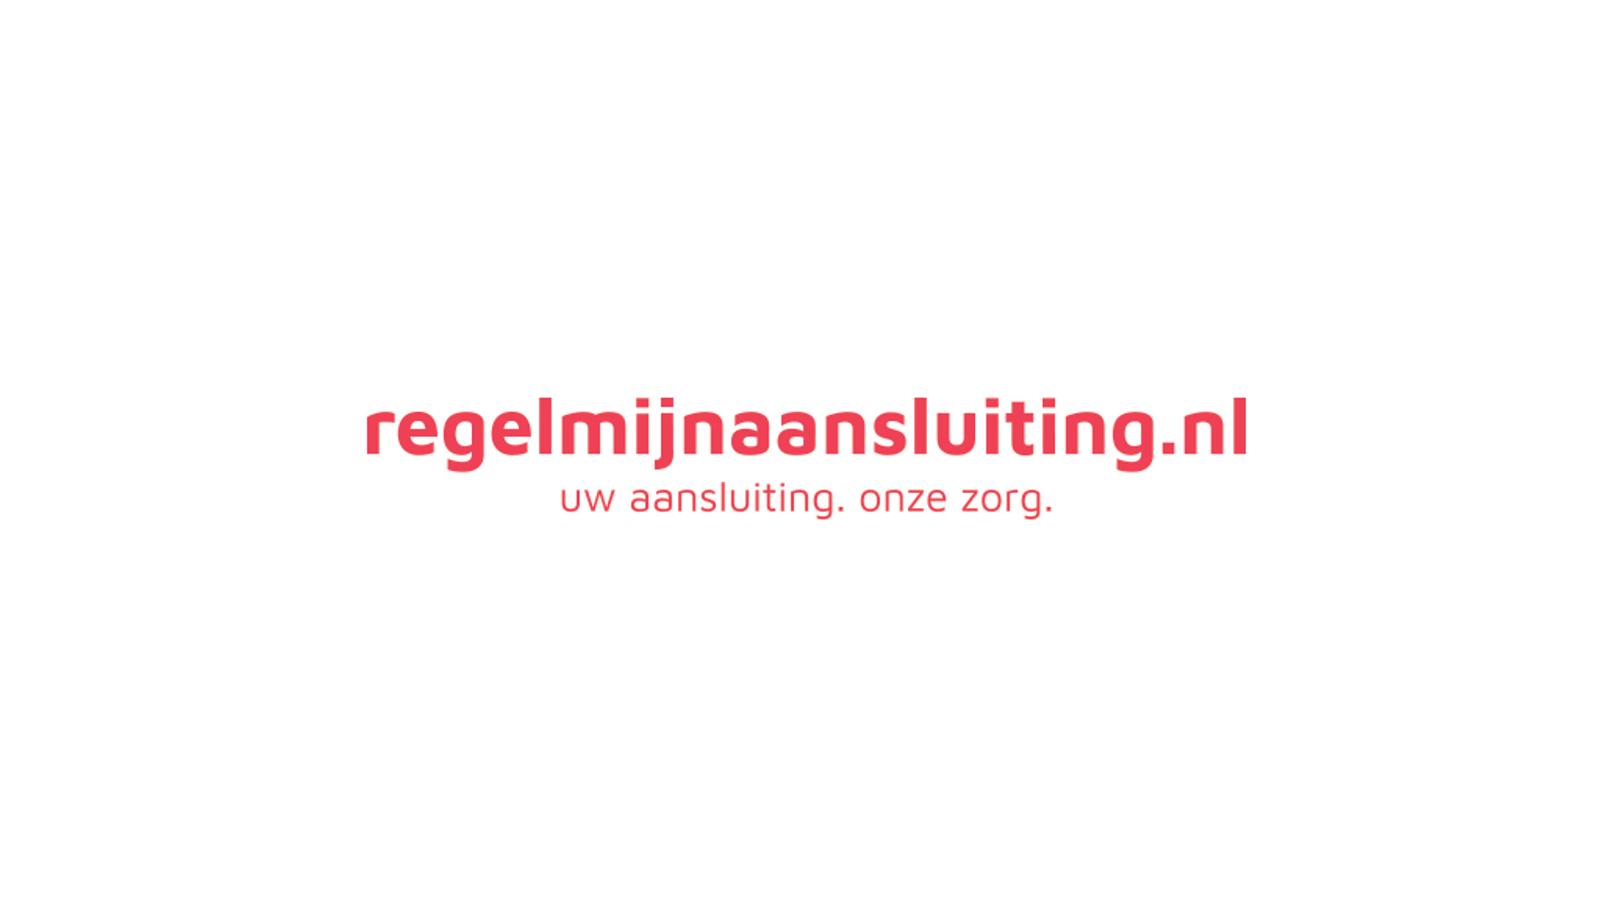 Regelmijnaansluiting.nl